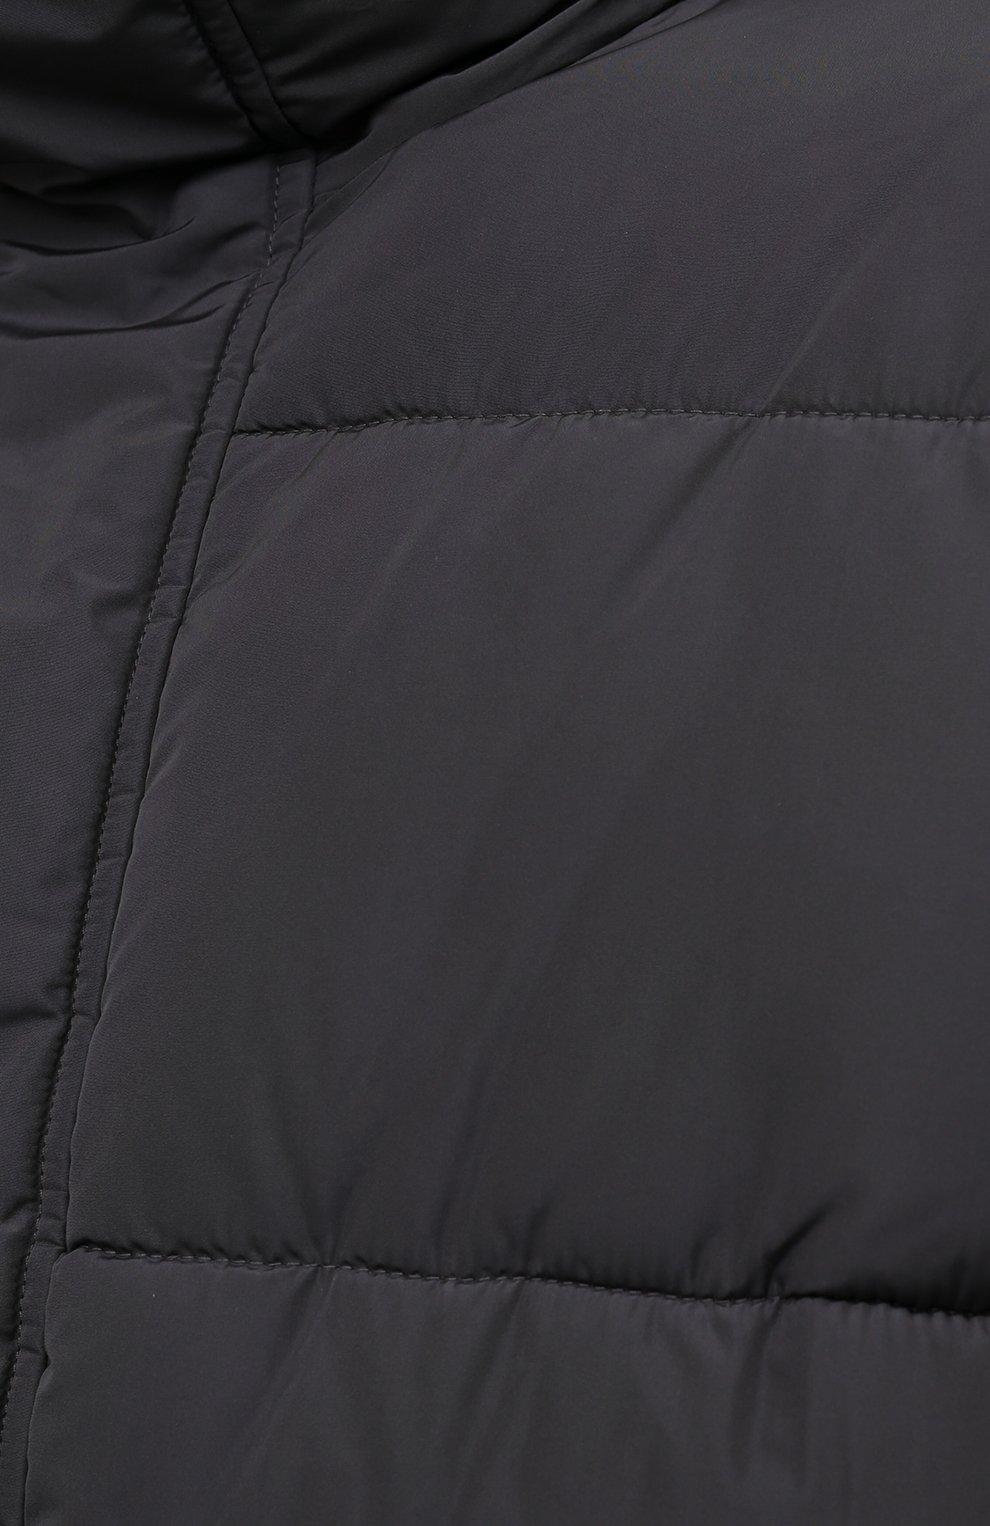 Мужская утепленная куртка BALENCIAGA серого цвета, арт. 642228/TYD36   Фото 5 (Кросс-КТ: Куртка; Мужское Кросс-КТ: пуховик-короткий; Рукава: Длинные; Материал внешний: Синтетический материал, Вискоза; Материал подклада: Синтетический материал; Длина (верхняя одежда): Короткие; Стили: Минимализм)